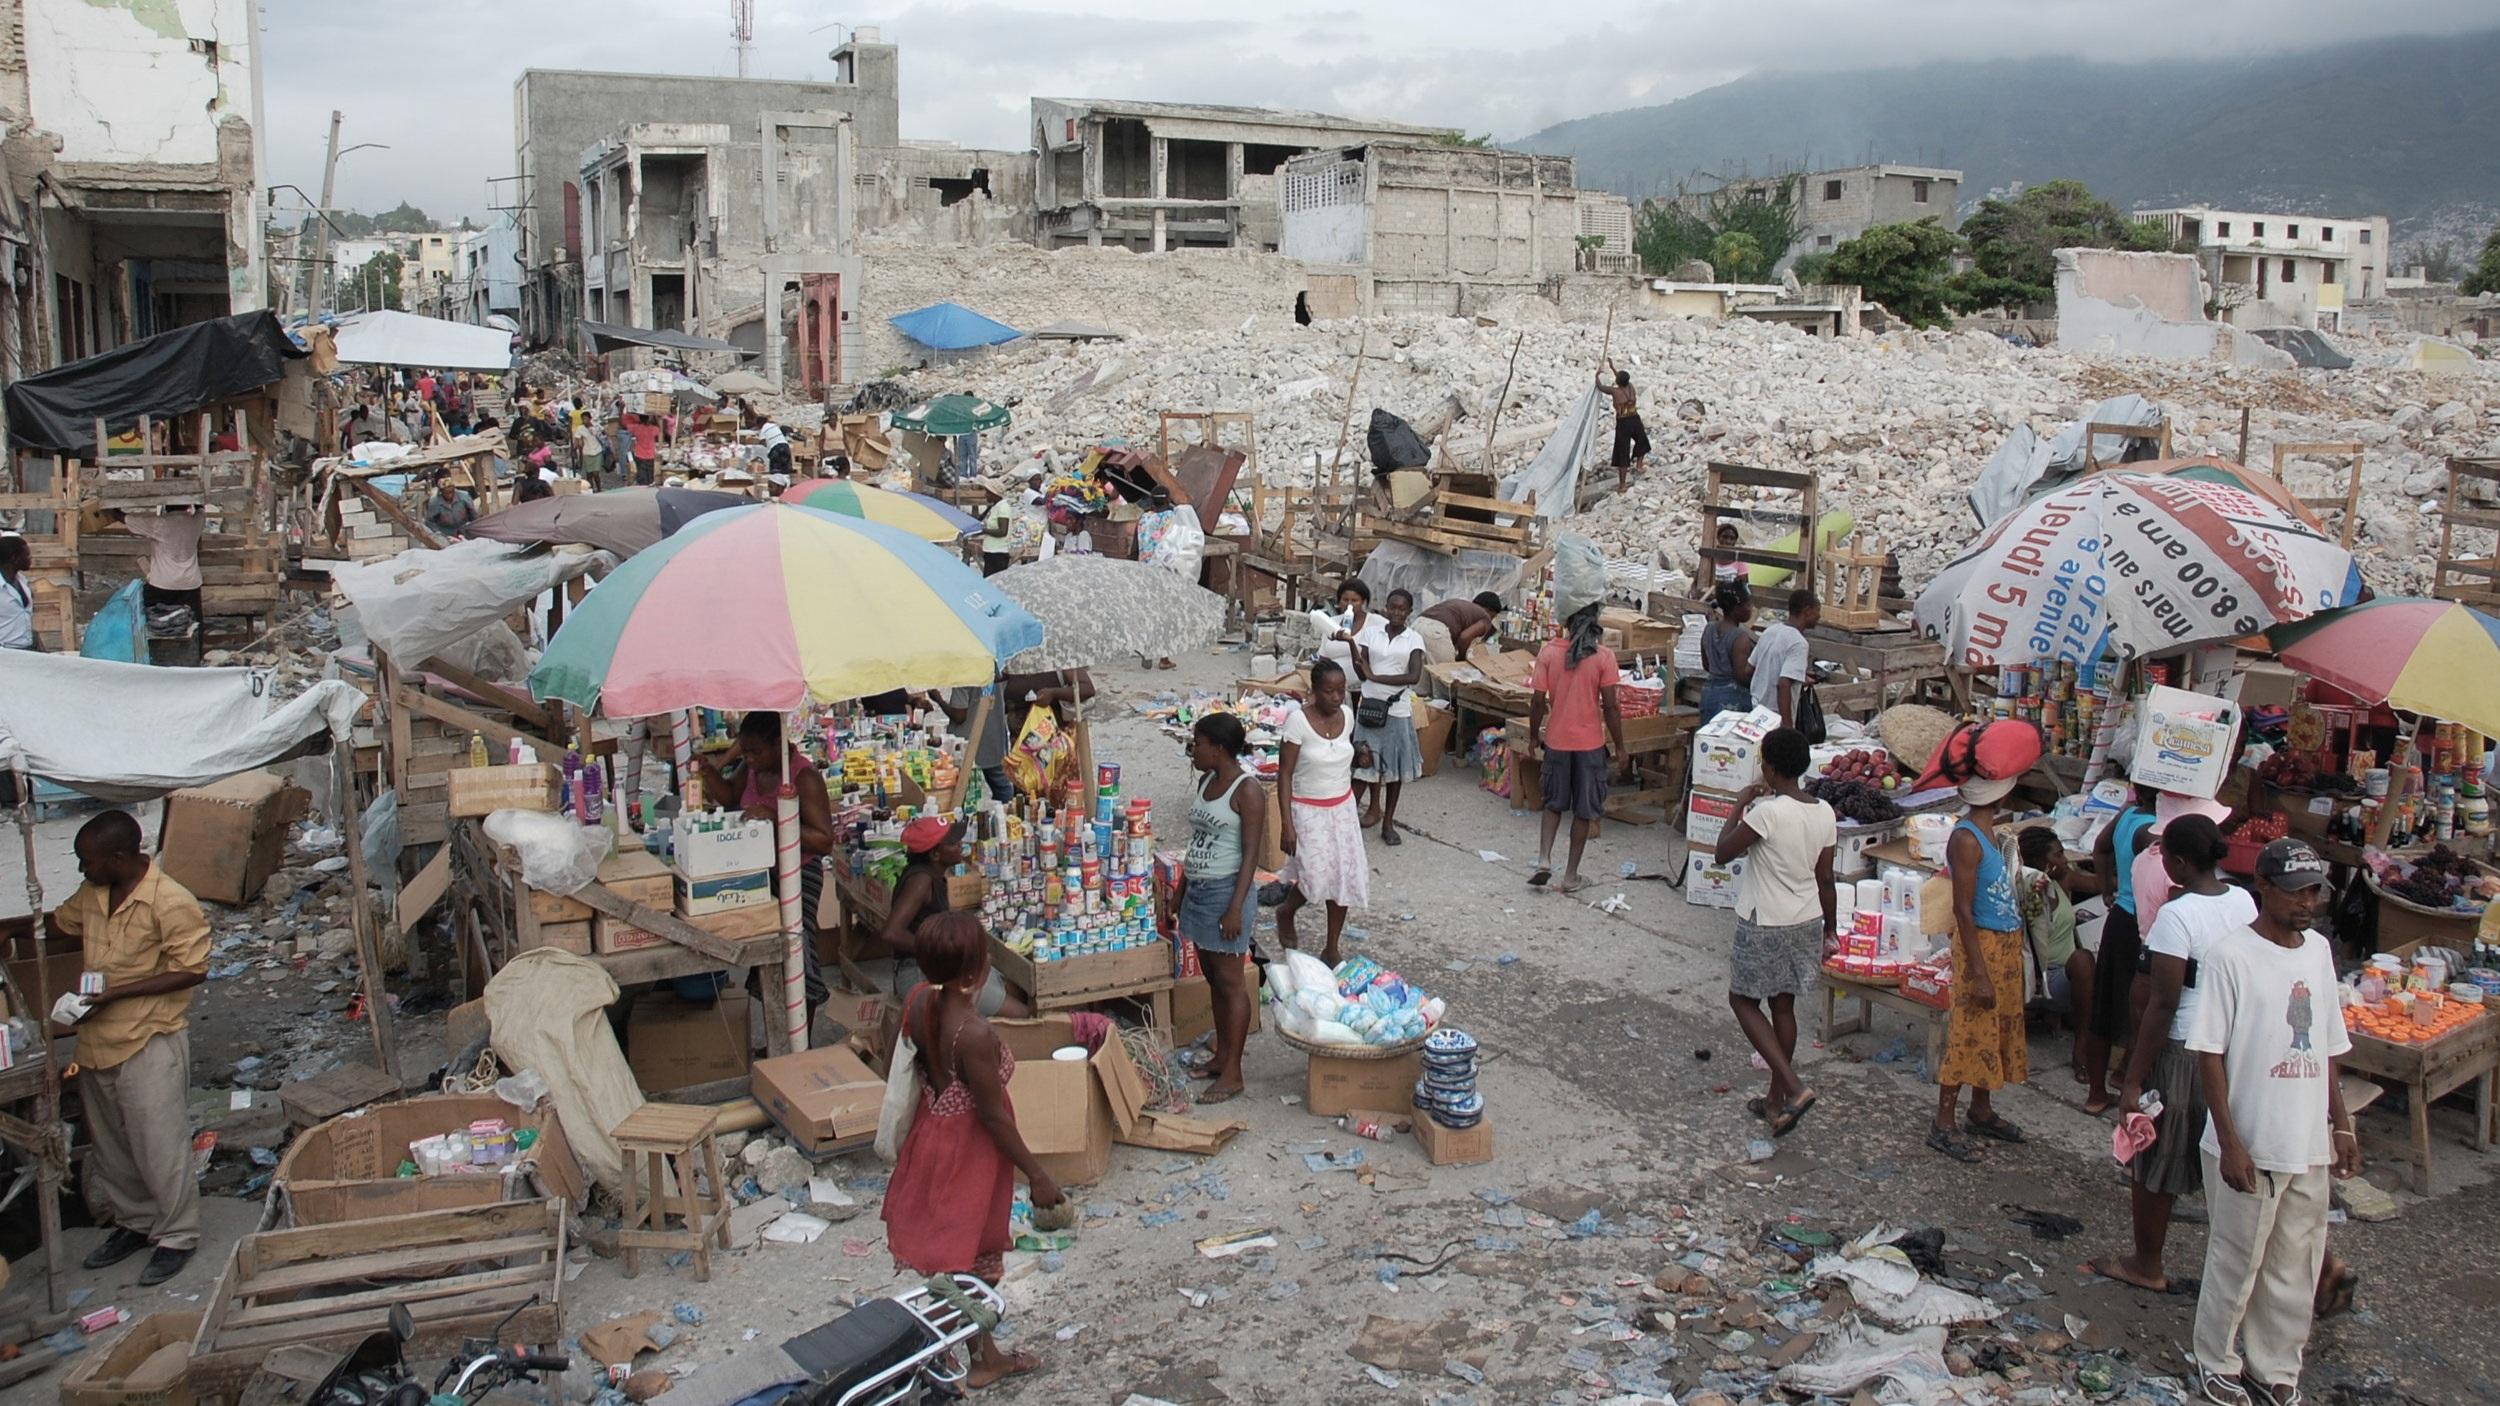 cidade de Porto Príncipe, Haiti após o terremoto de 2010.